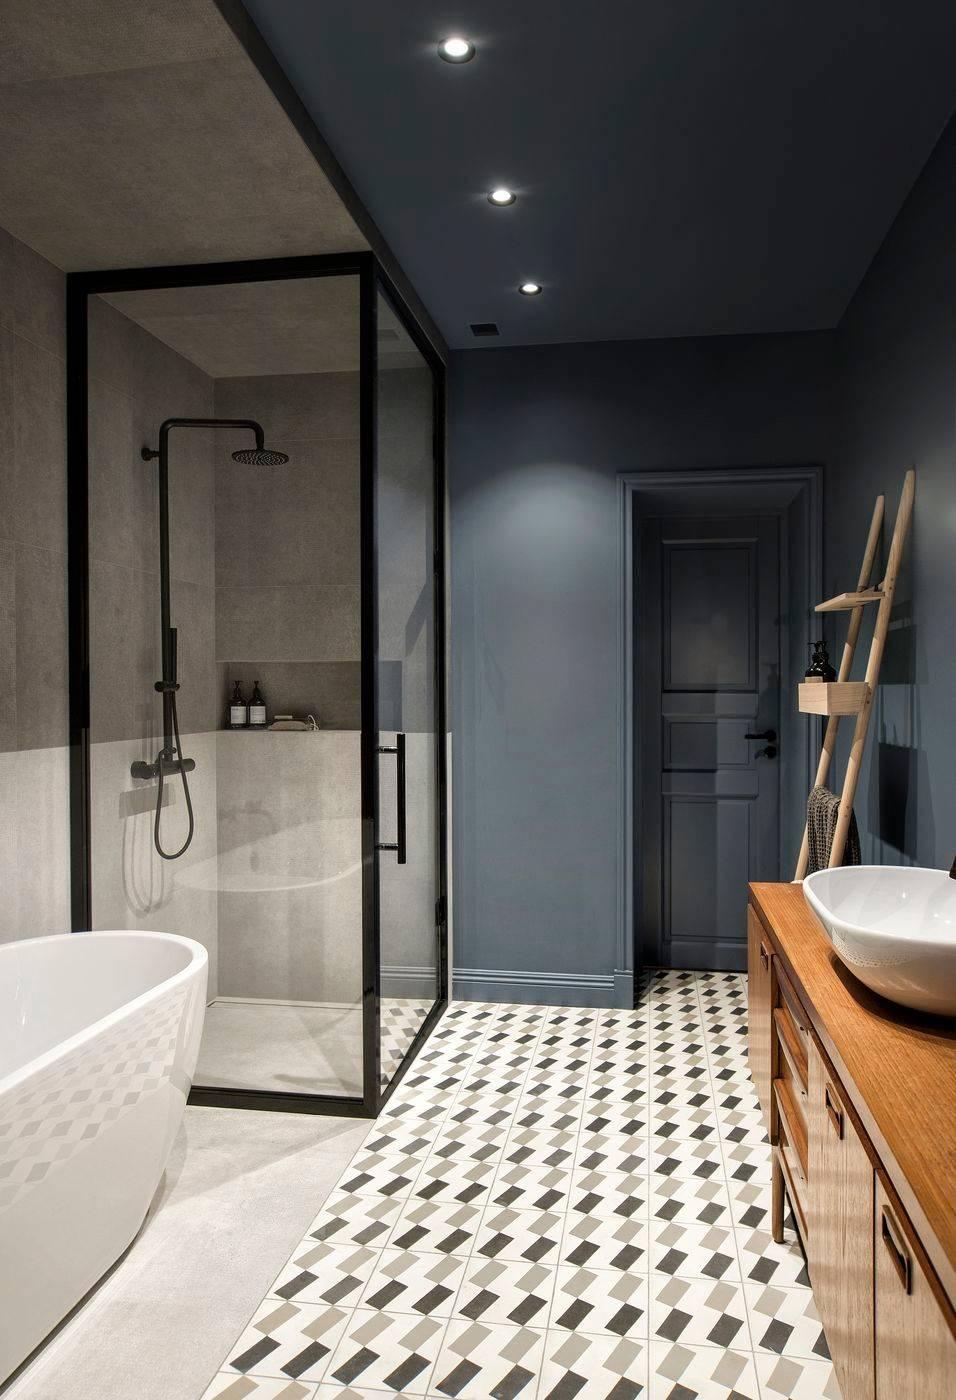 Snygga sätt att använda konkret badrum